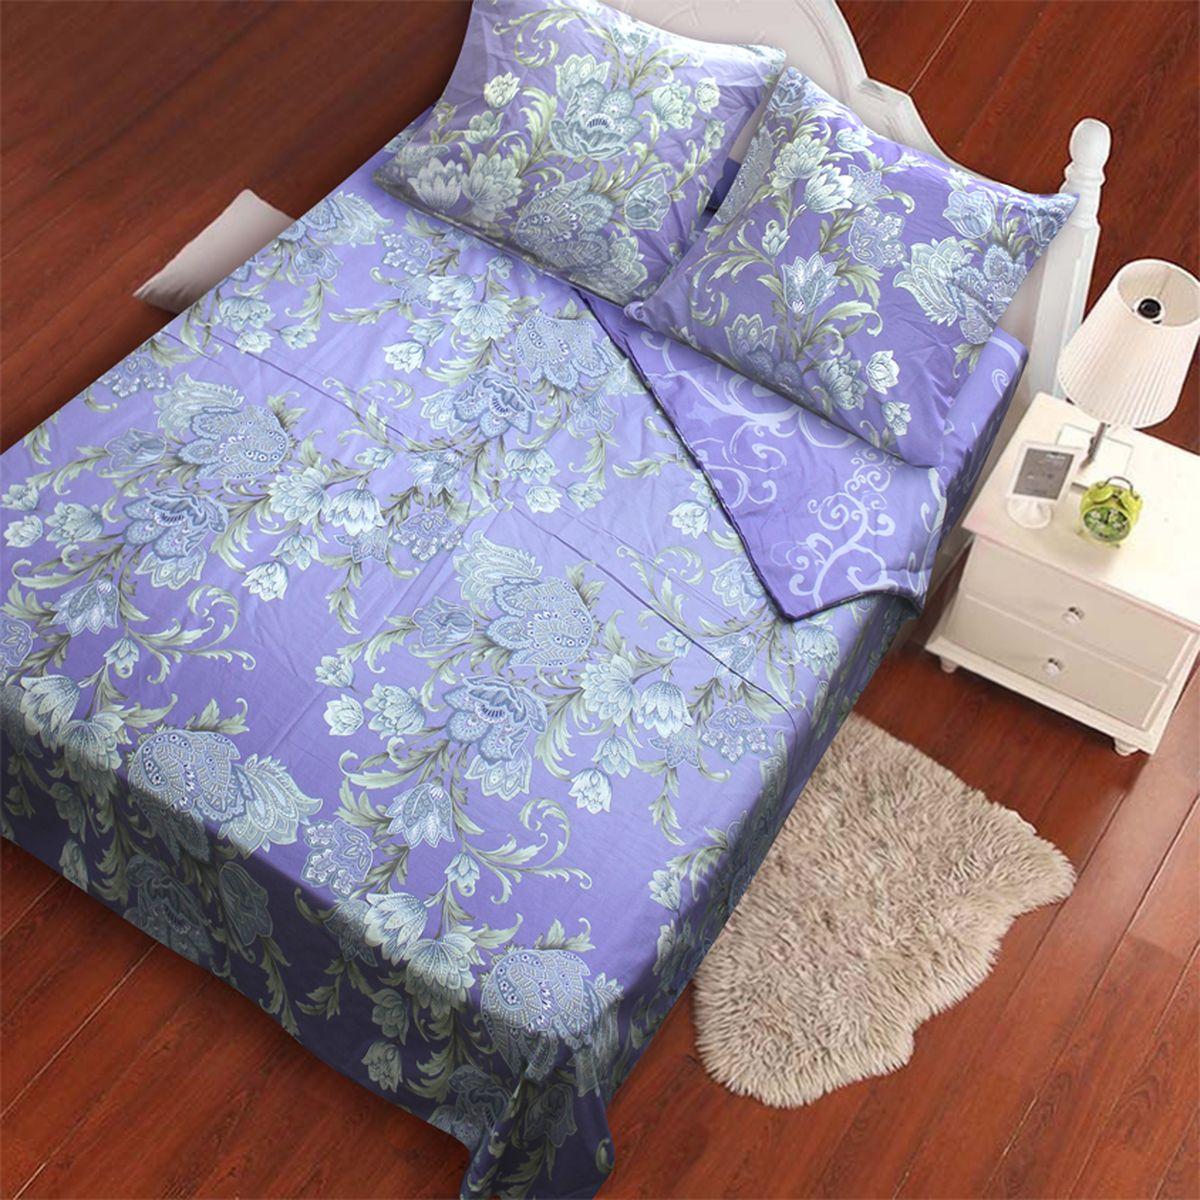 Комплект белья Amore Mio Lillac, 1,5-спальный, наволочки 70x70, цвет: синий, серый, бежевыйS03301004Amore Mio – Комфорт и Уют - Каждый день! Amore Mio предлагает оценить соотношению цены и качества коллекции. Разнообразие ярких и современных дизайнов прослужат не один год и всегда будут радовать Вас и Ваших близких сочностью красок и красивым рисунком. Что такое Satin/Сатин.-это ткань сатинового (атласного) переплетения нитей. Имеет гладкую, шелковистую лицевую поверхность, на которой преобладают уточные нити (уток – горизонтально расположенные в тканом полотне нити). Сатин изготавливается из крученой хлопковой нити двойного плетения. Он чрезвычайно приятен на ощупь, не электризуется и не скользит по кровати. Сатин прекрасно сохраняет форму и не мнется, отлично пропускает воздух, что позволяет телу дышать и дарит здоровый и комфортный сон.